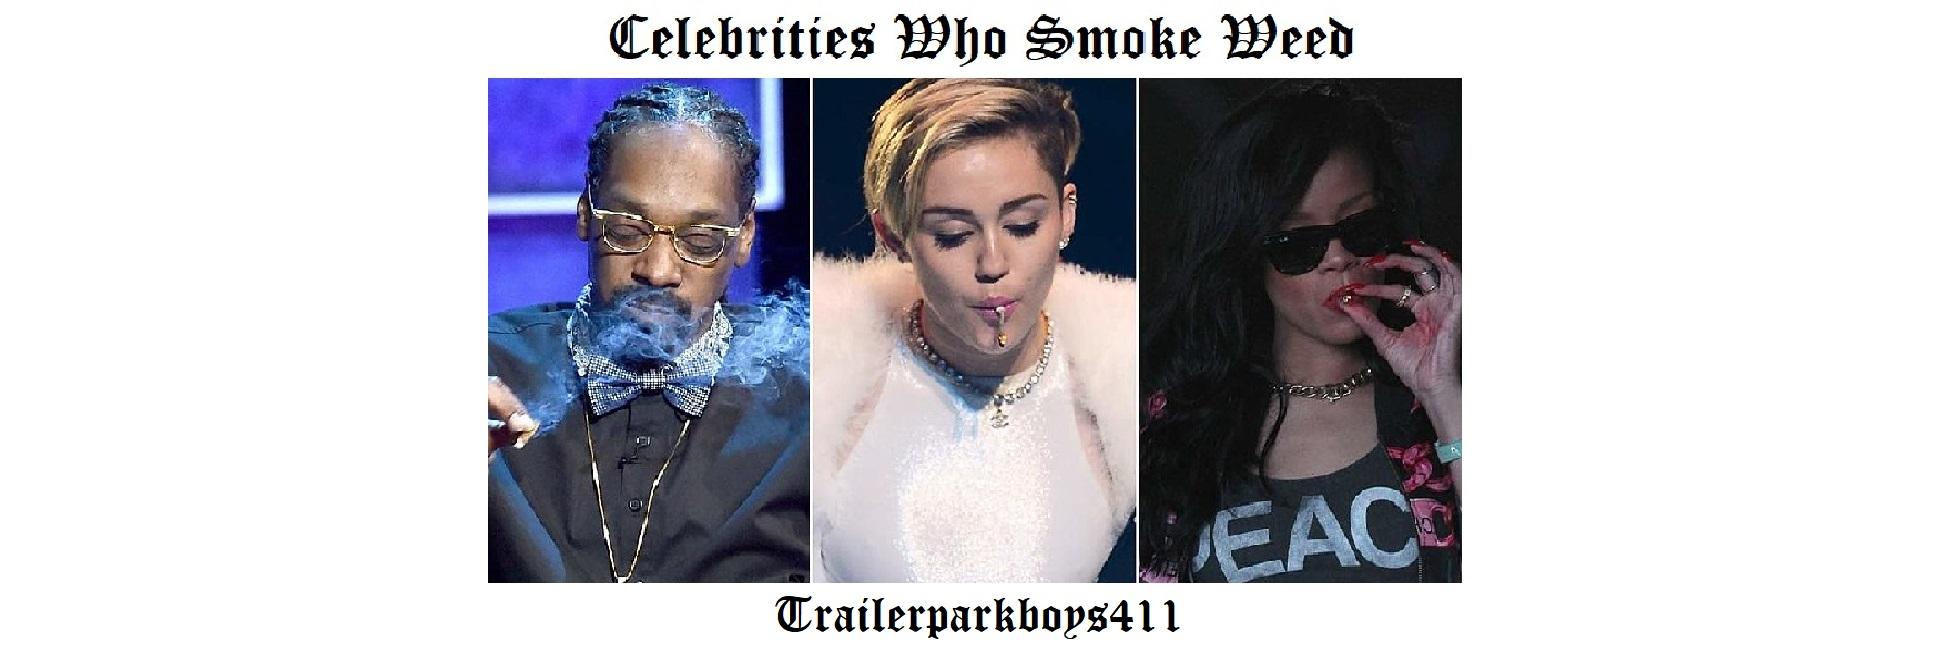 Celebrities Who Smoke Weed